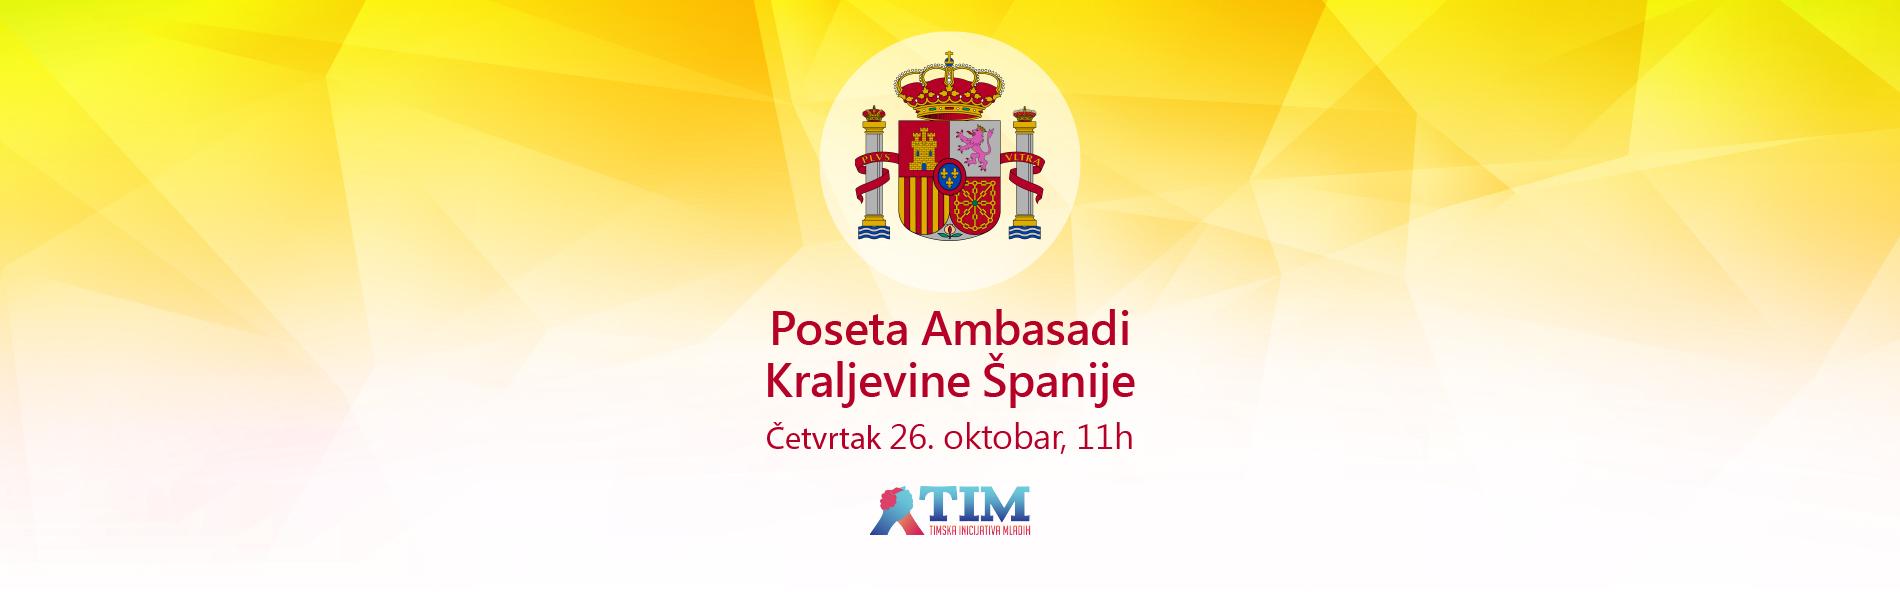 <p>Delegacija Timske inicijative mladih posetila je Ambasadu Španije. Tokom prijatnog razgovora, članovi su imali priliku da se upoznaju sa radom Ambasade, zvaničnim pogledima na bilateralne odnose sa Srbijom i aktuelna dešavanja u Španiji. Zahvaljujemo se predstavnicima Ambasade na toploj dobrodošlici [&hellip;]</p>